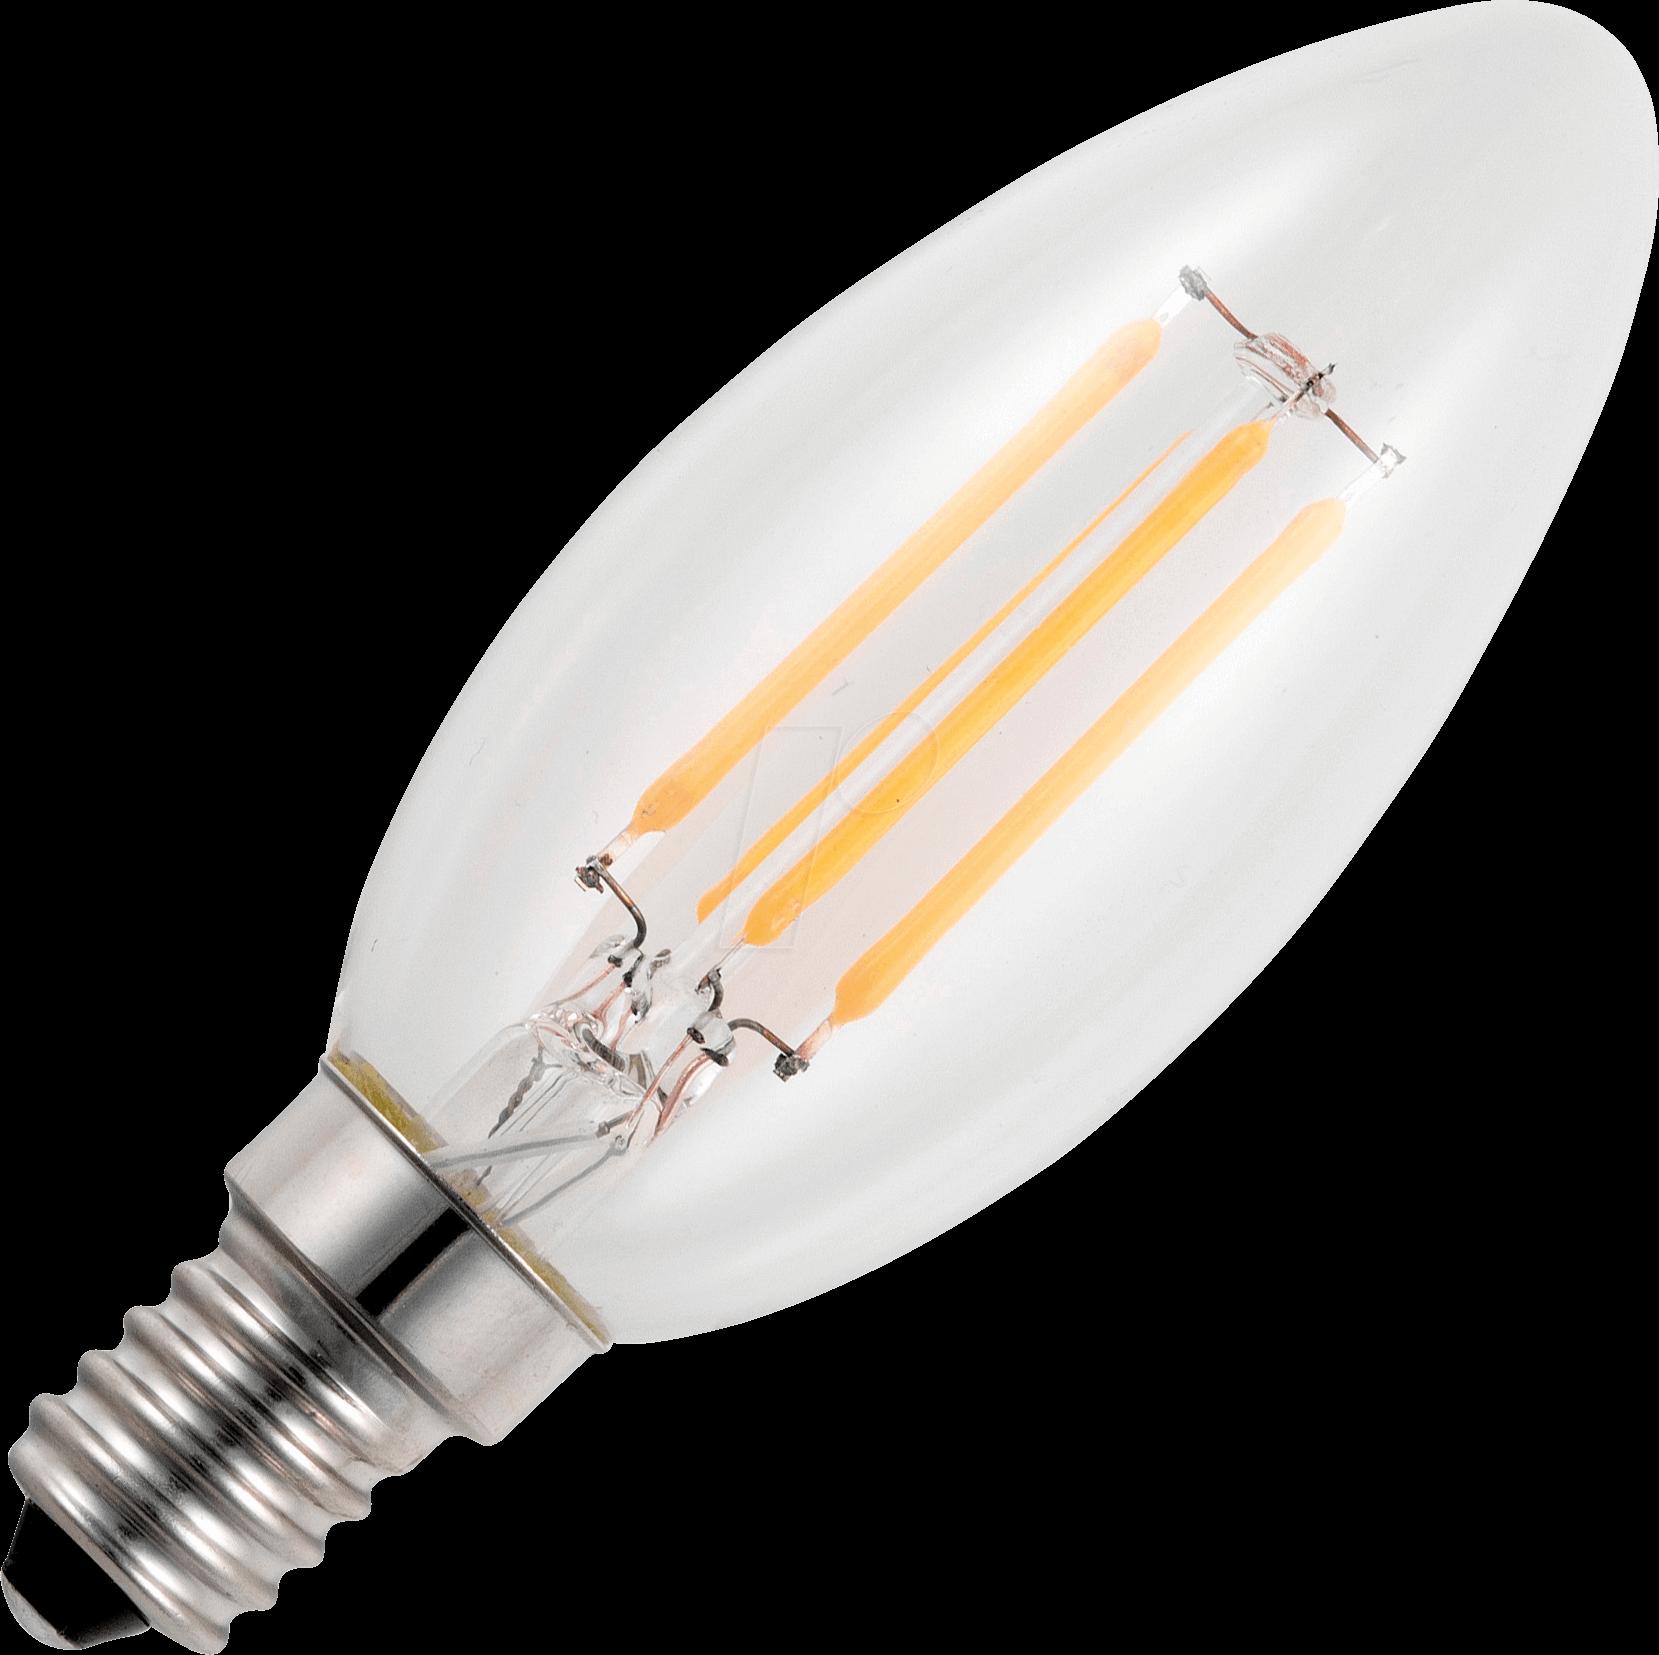 SCHI L149124922: LED-Lampe E14, 4 W, 250 lm, 2200 K, Filament ...